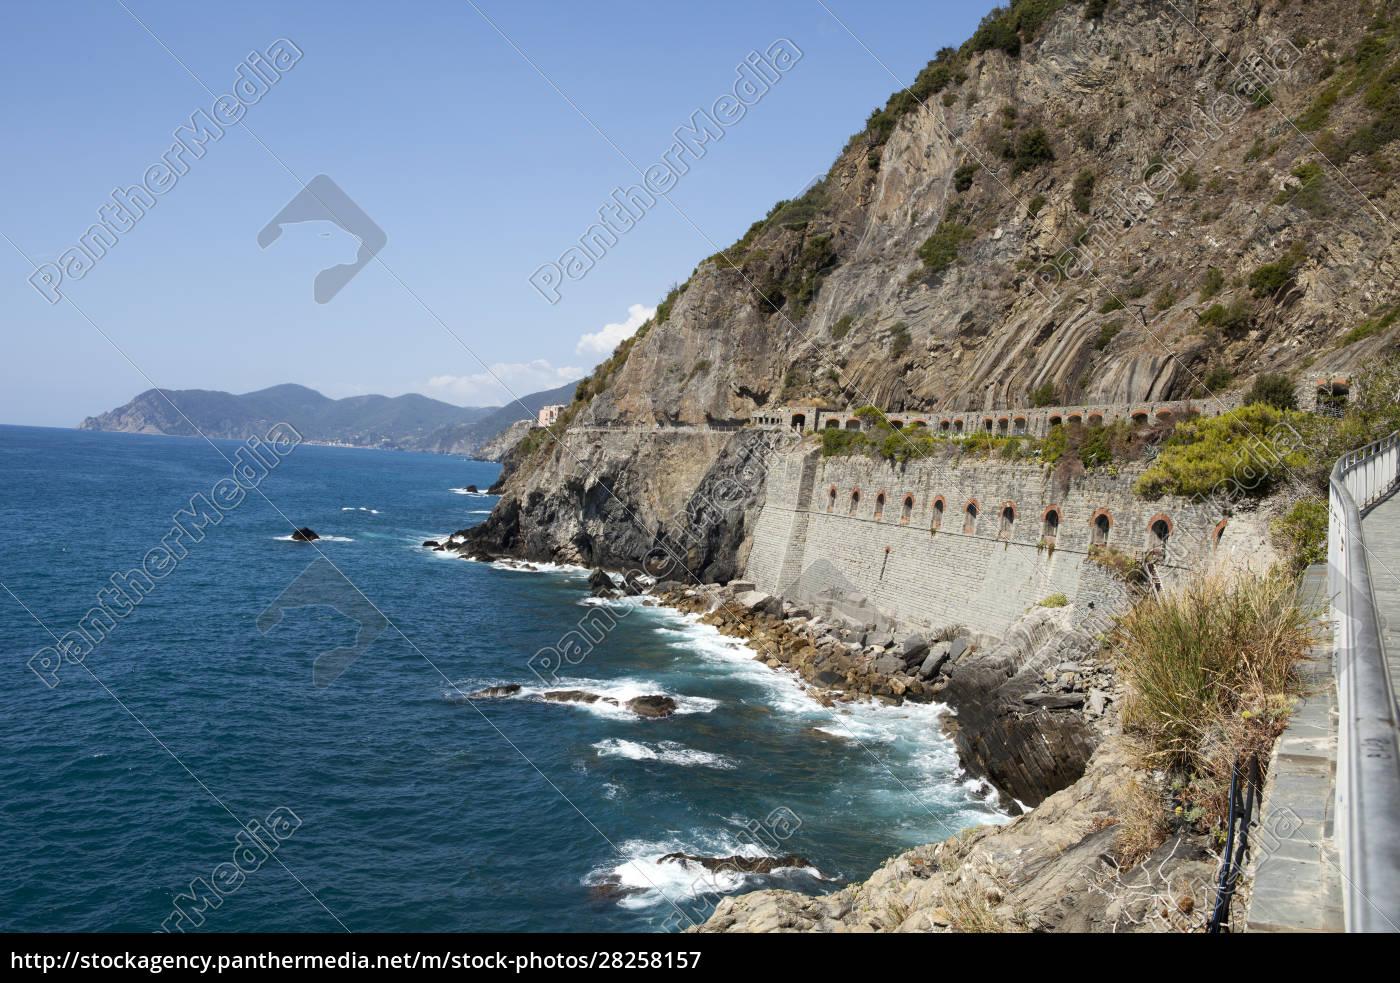 , cinque, terre, -, road, of - 28258157